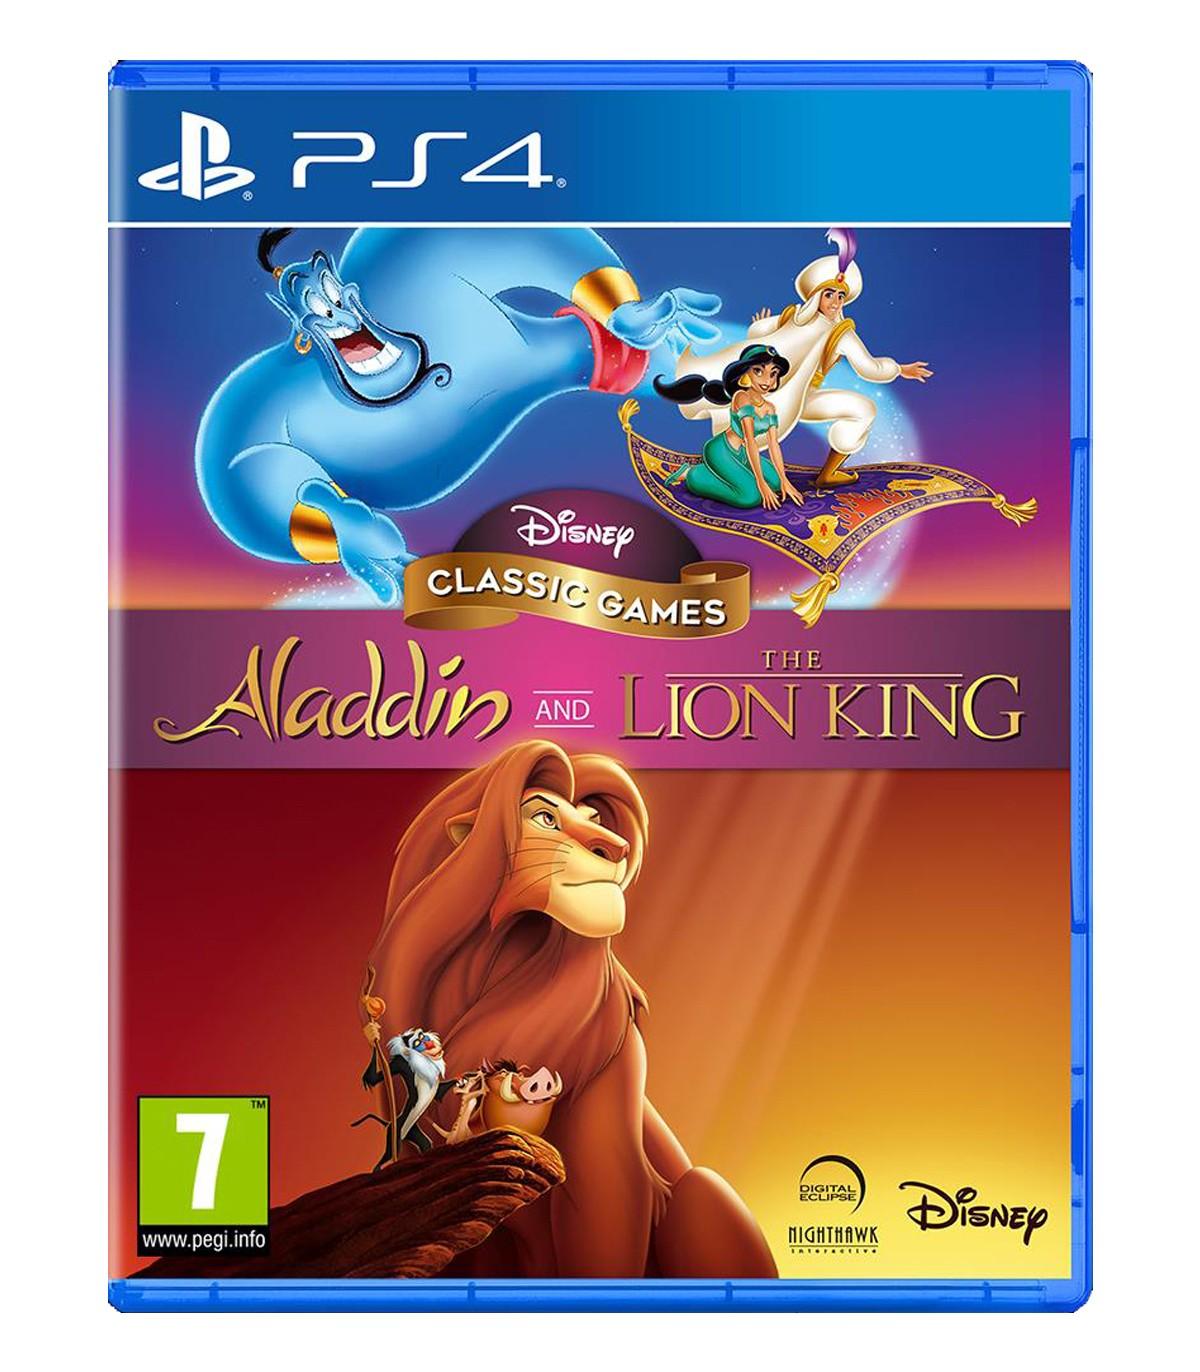 بازی Disney Classic Games: Aladdin and The Lion King - پلی استیشن 4